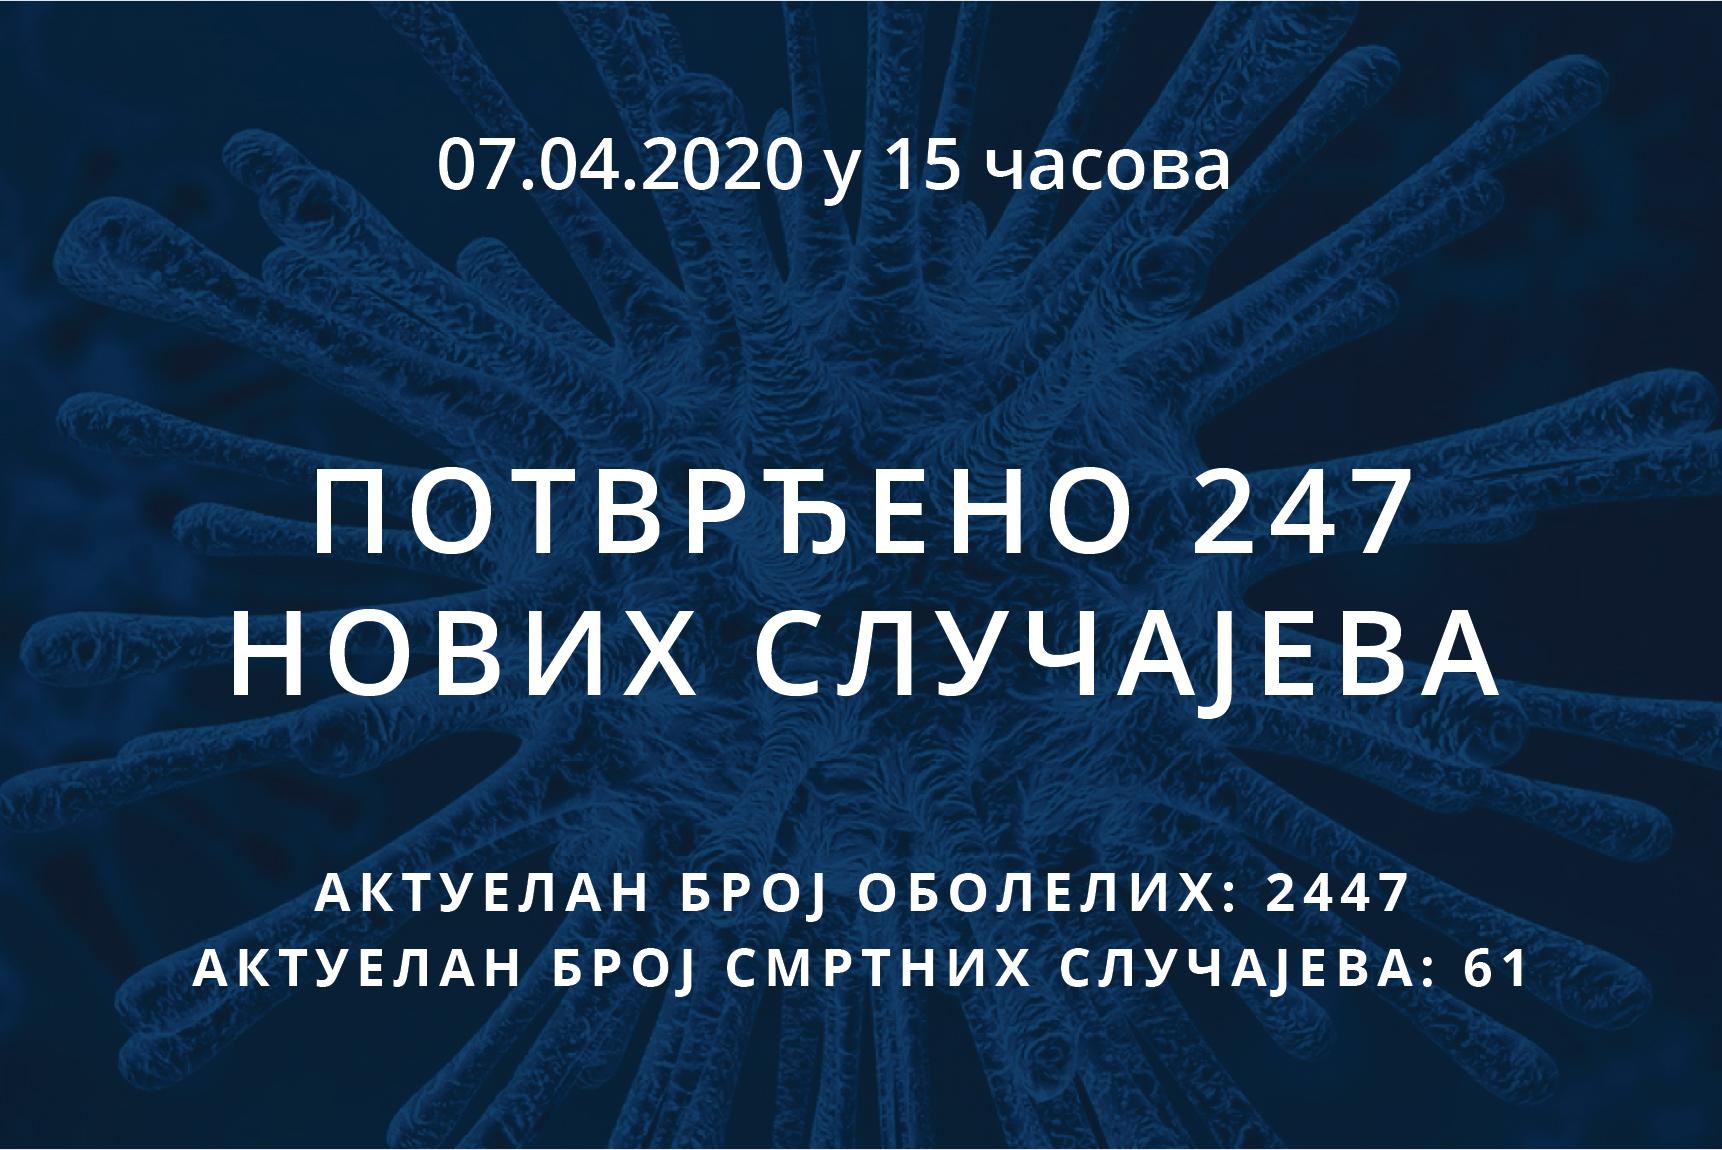 Информације о корона вирусу COVID-19, 07.04.2020 у 15 часова